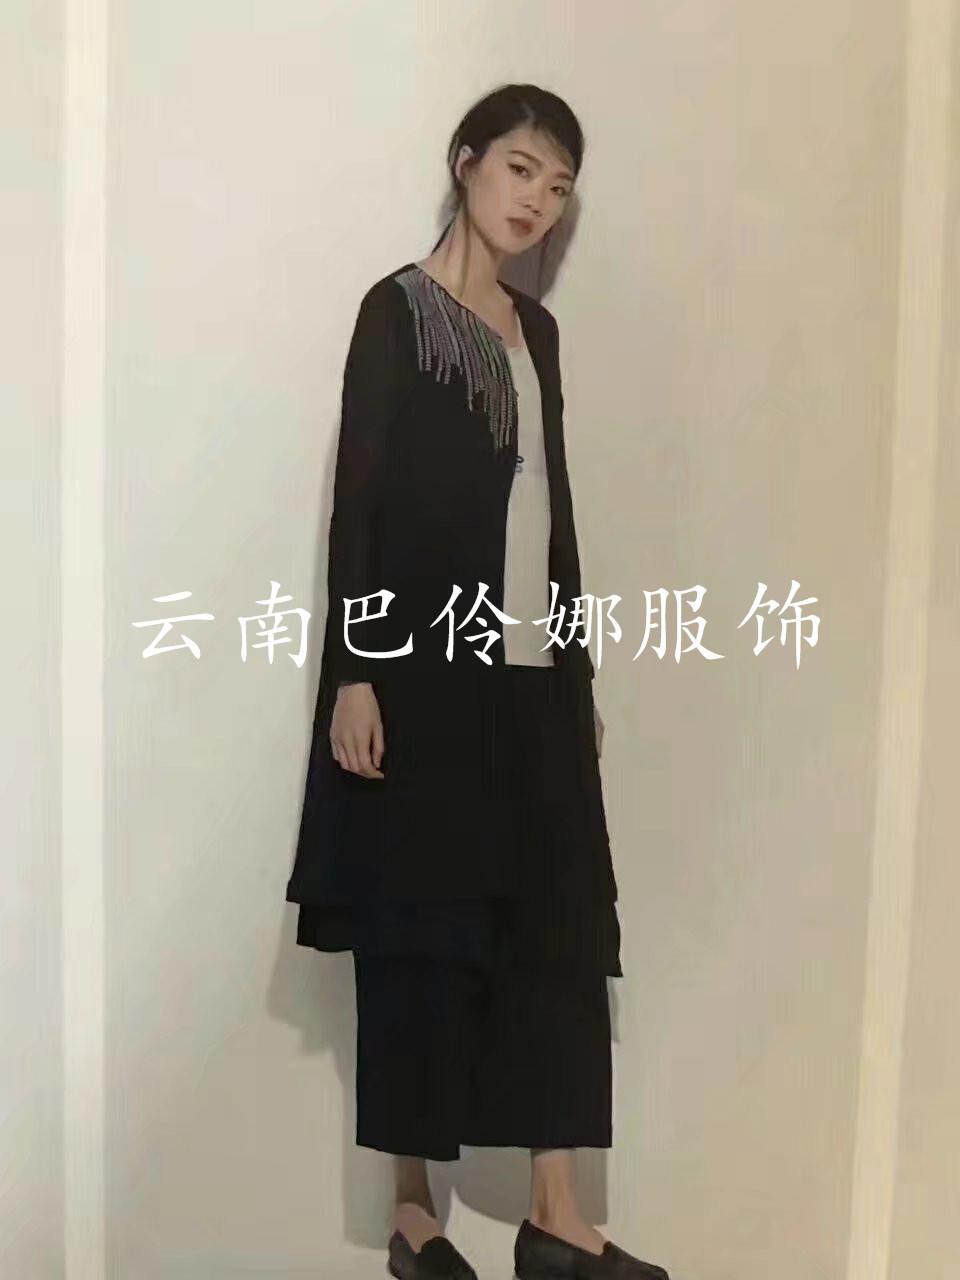 述色休闲品牌女装2017秋冬新品